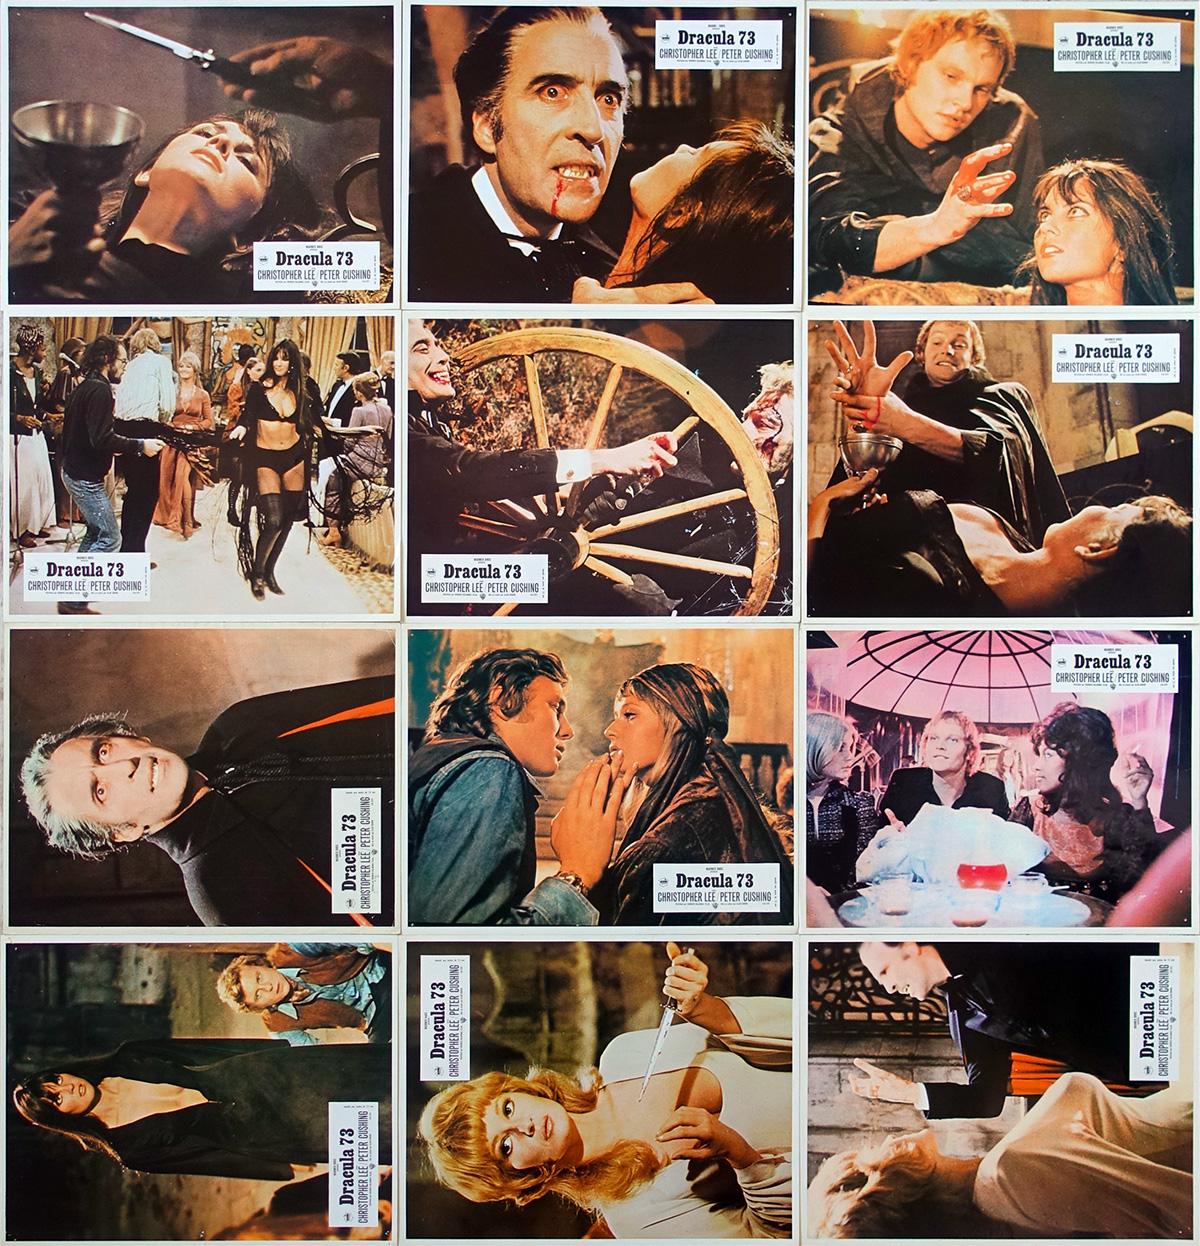 dracula_a_d_1972_lobbycards.jpg